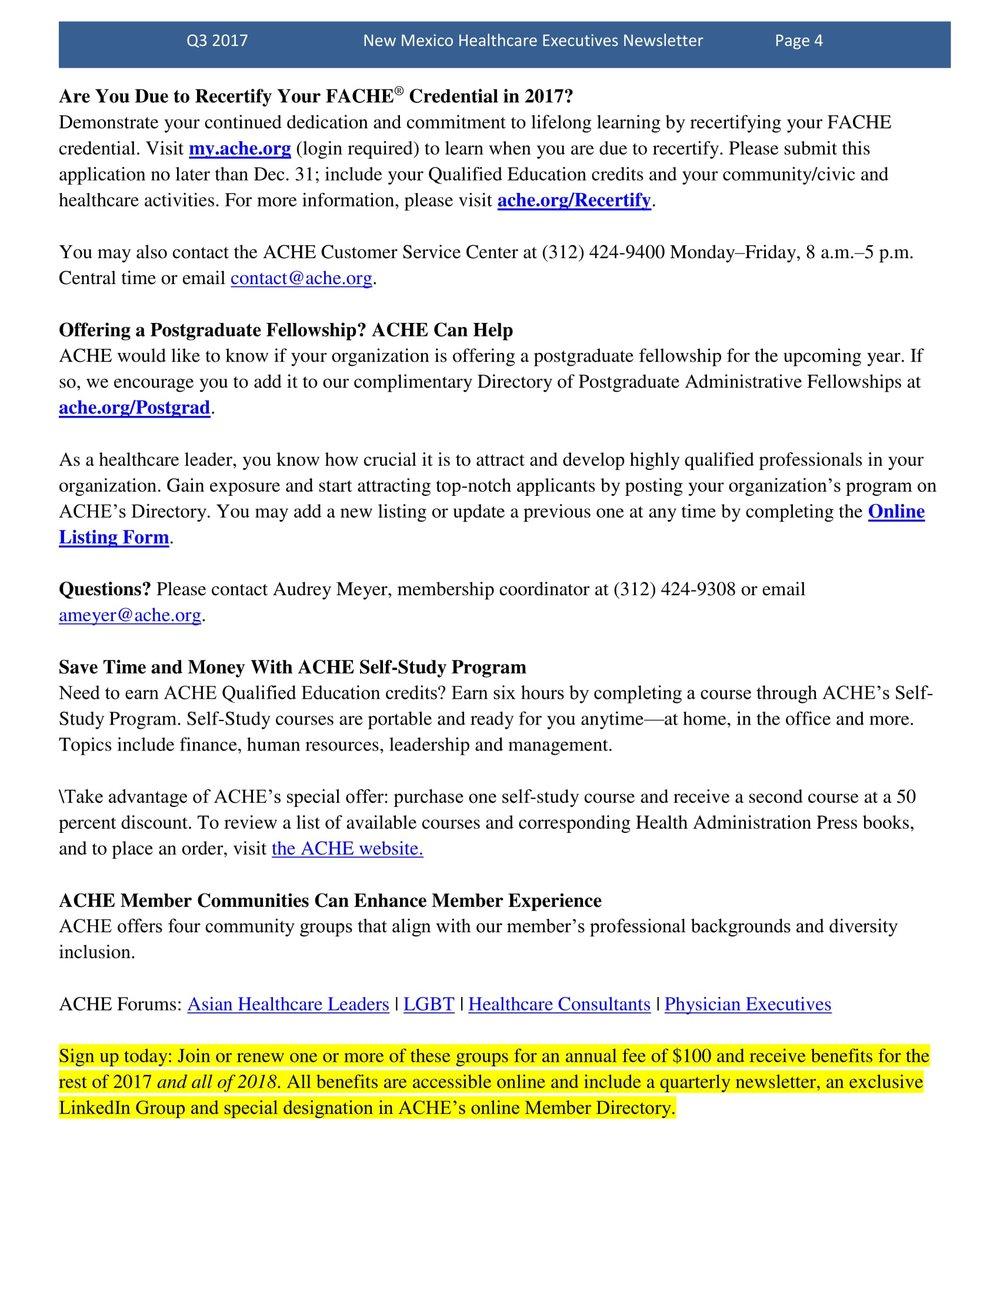 NMHE Qtr. 3Newsletter-4.jpg